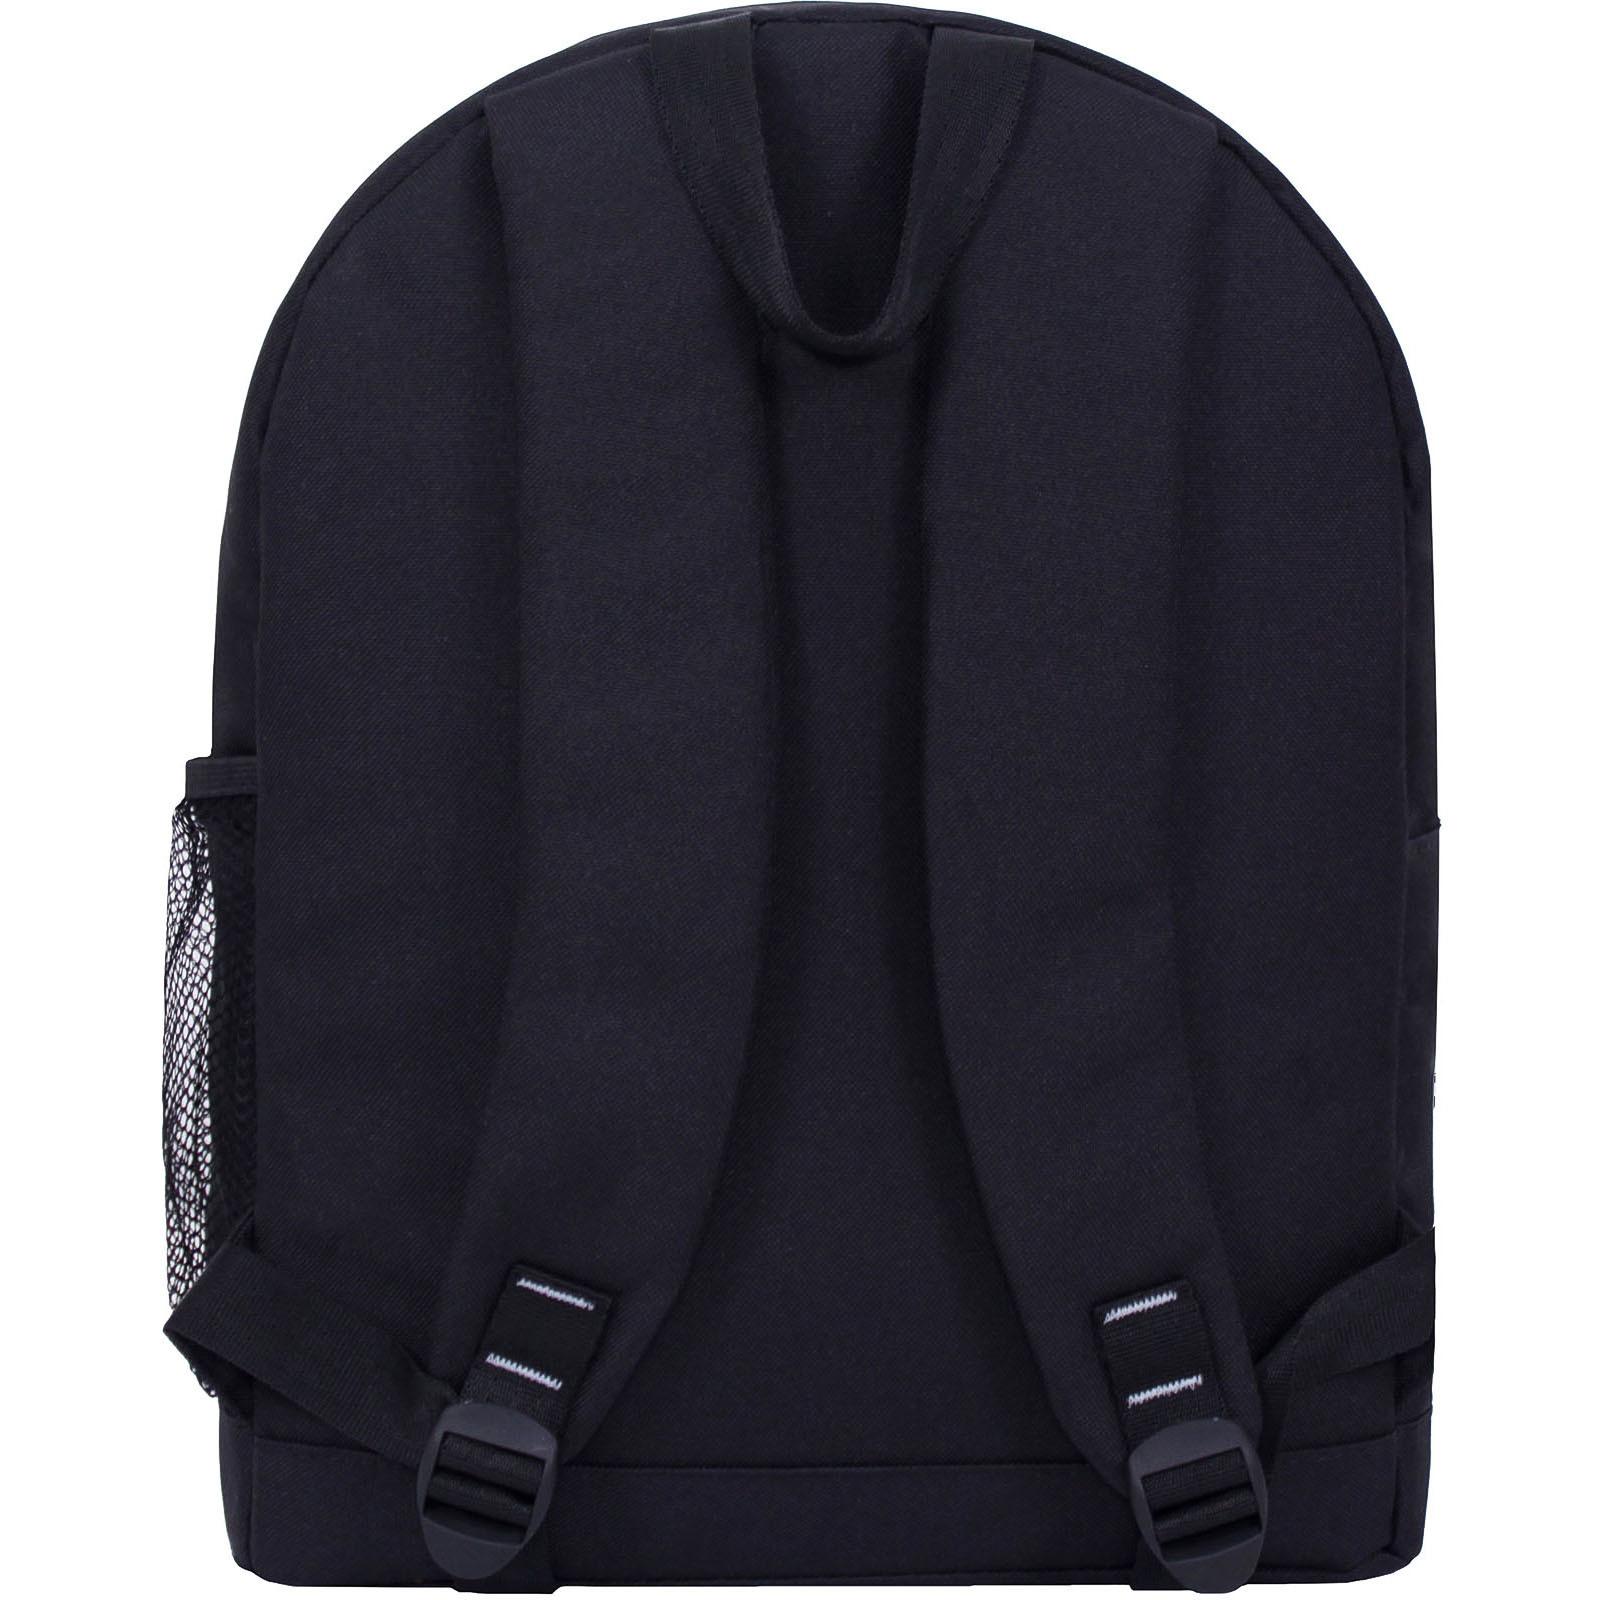 Рюкзак Bagland Молодежный W/R 17 л. черный 454 (00533662) фото 3